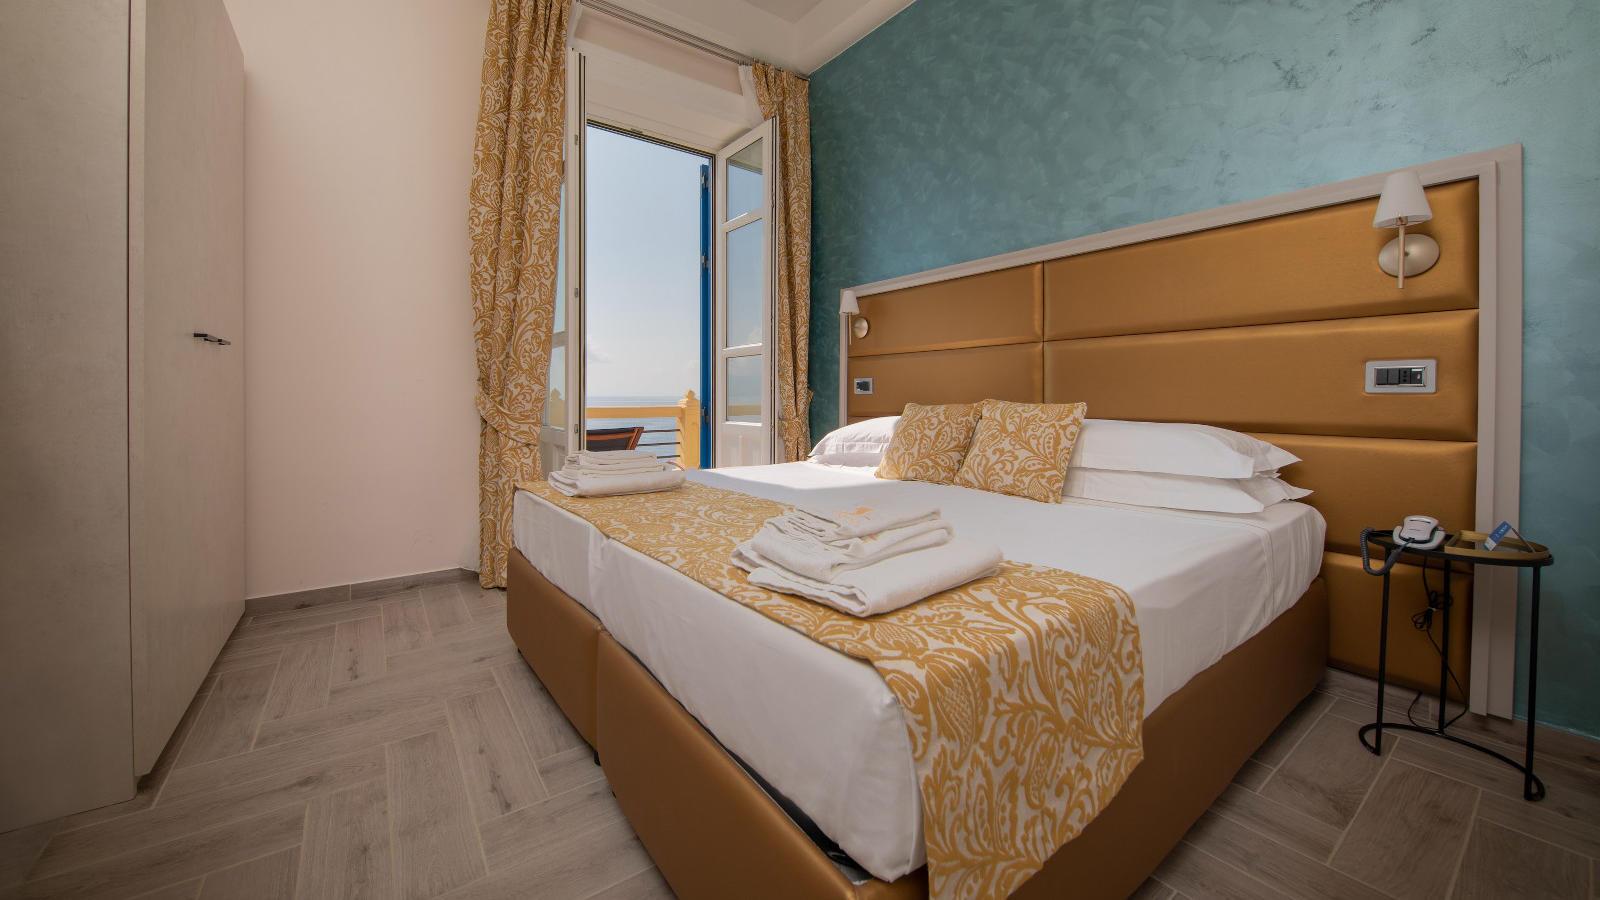 Ariana_Hotel_Isole_Eolie_UNA_Esperienze_DeluxeRoom